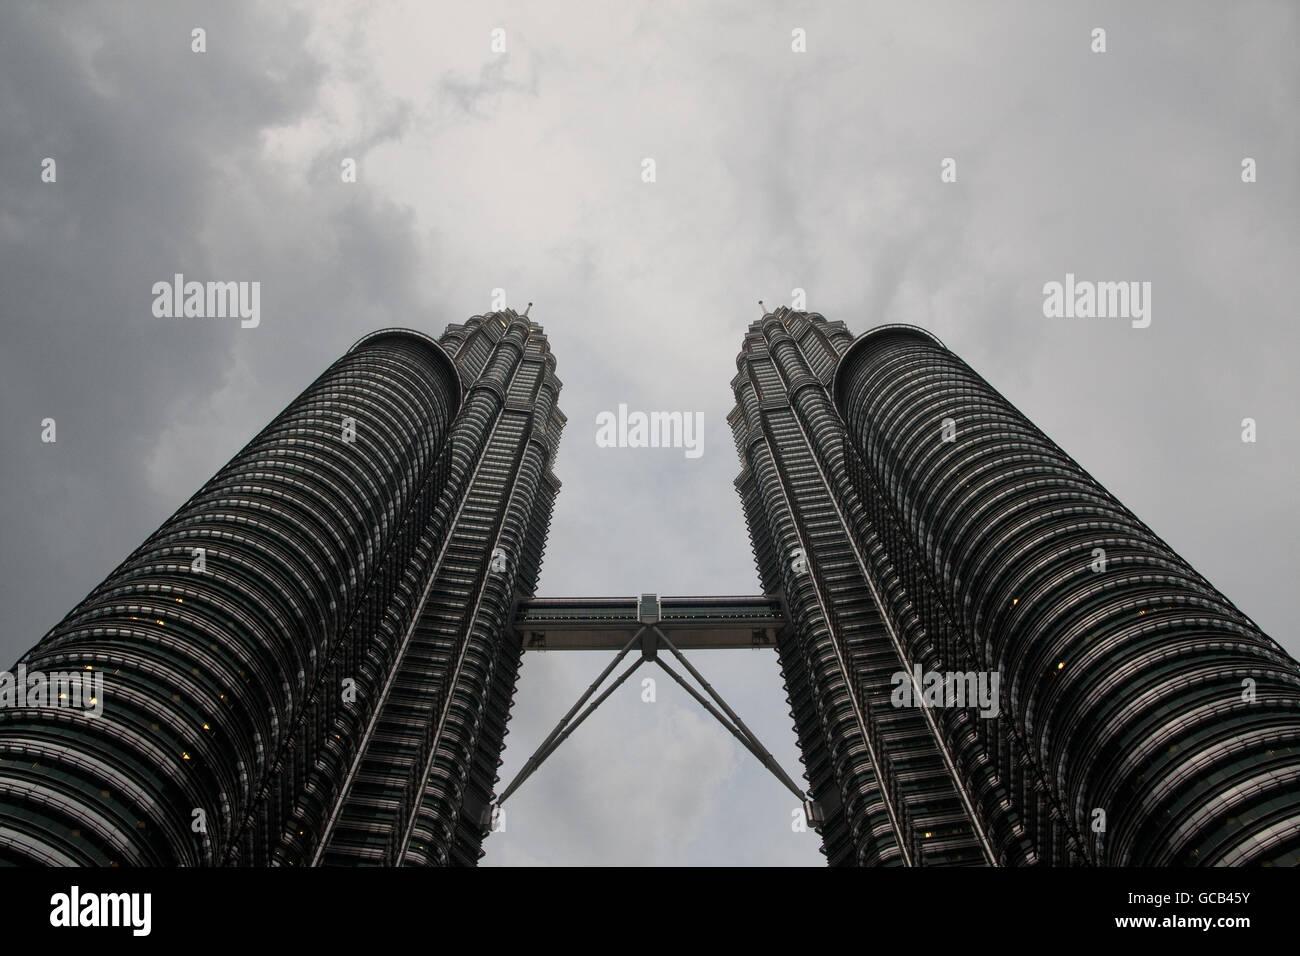 Petronas Twin Towers in Kuala Lumpur - Stock Image